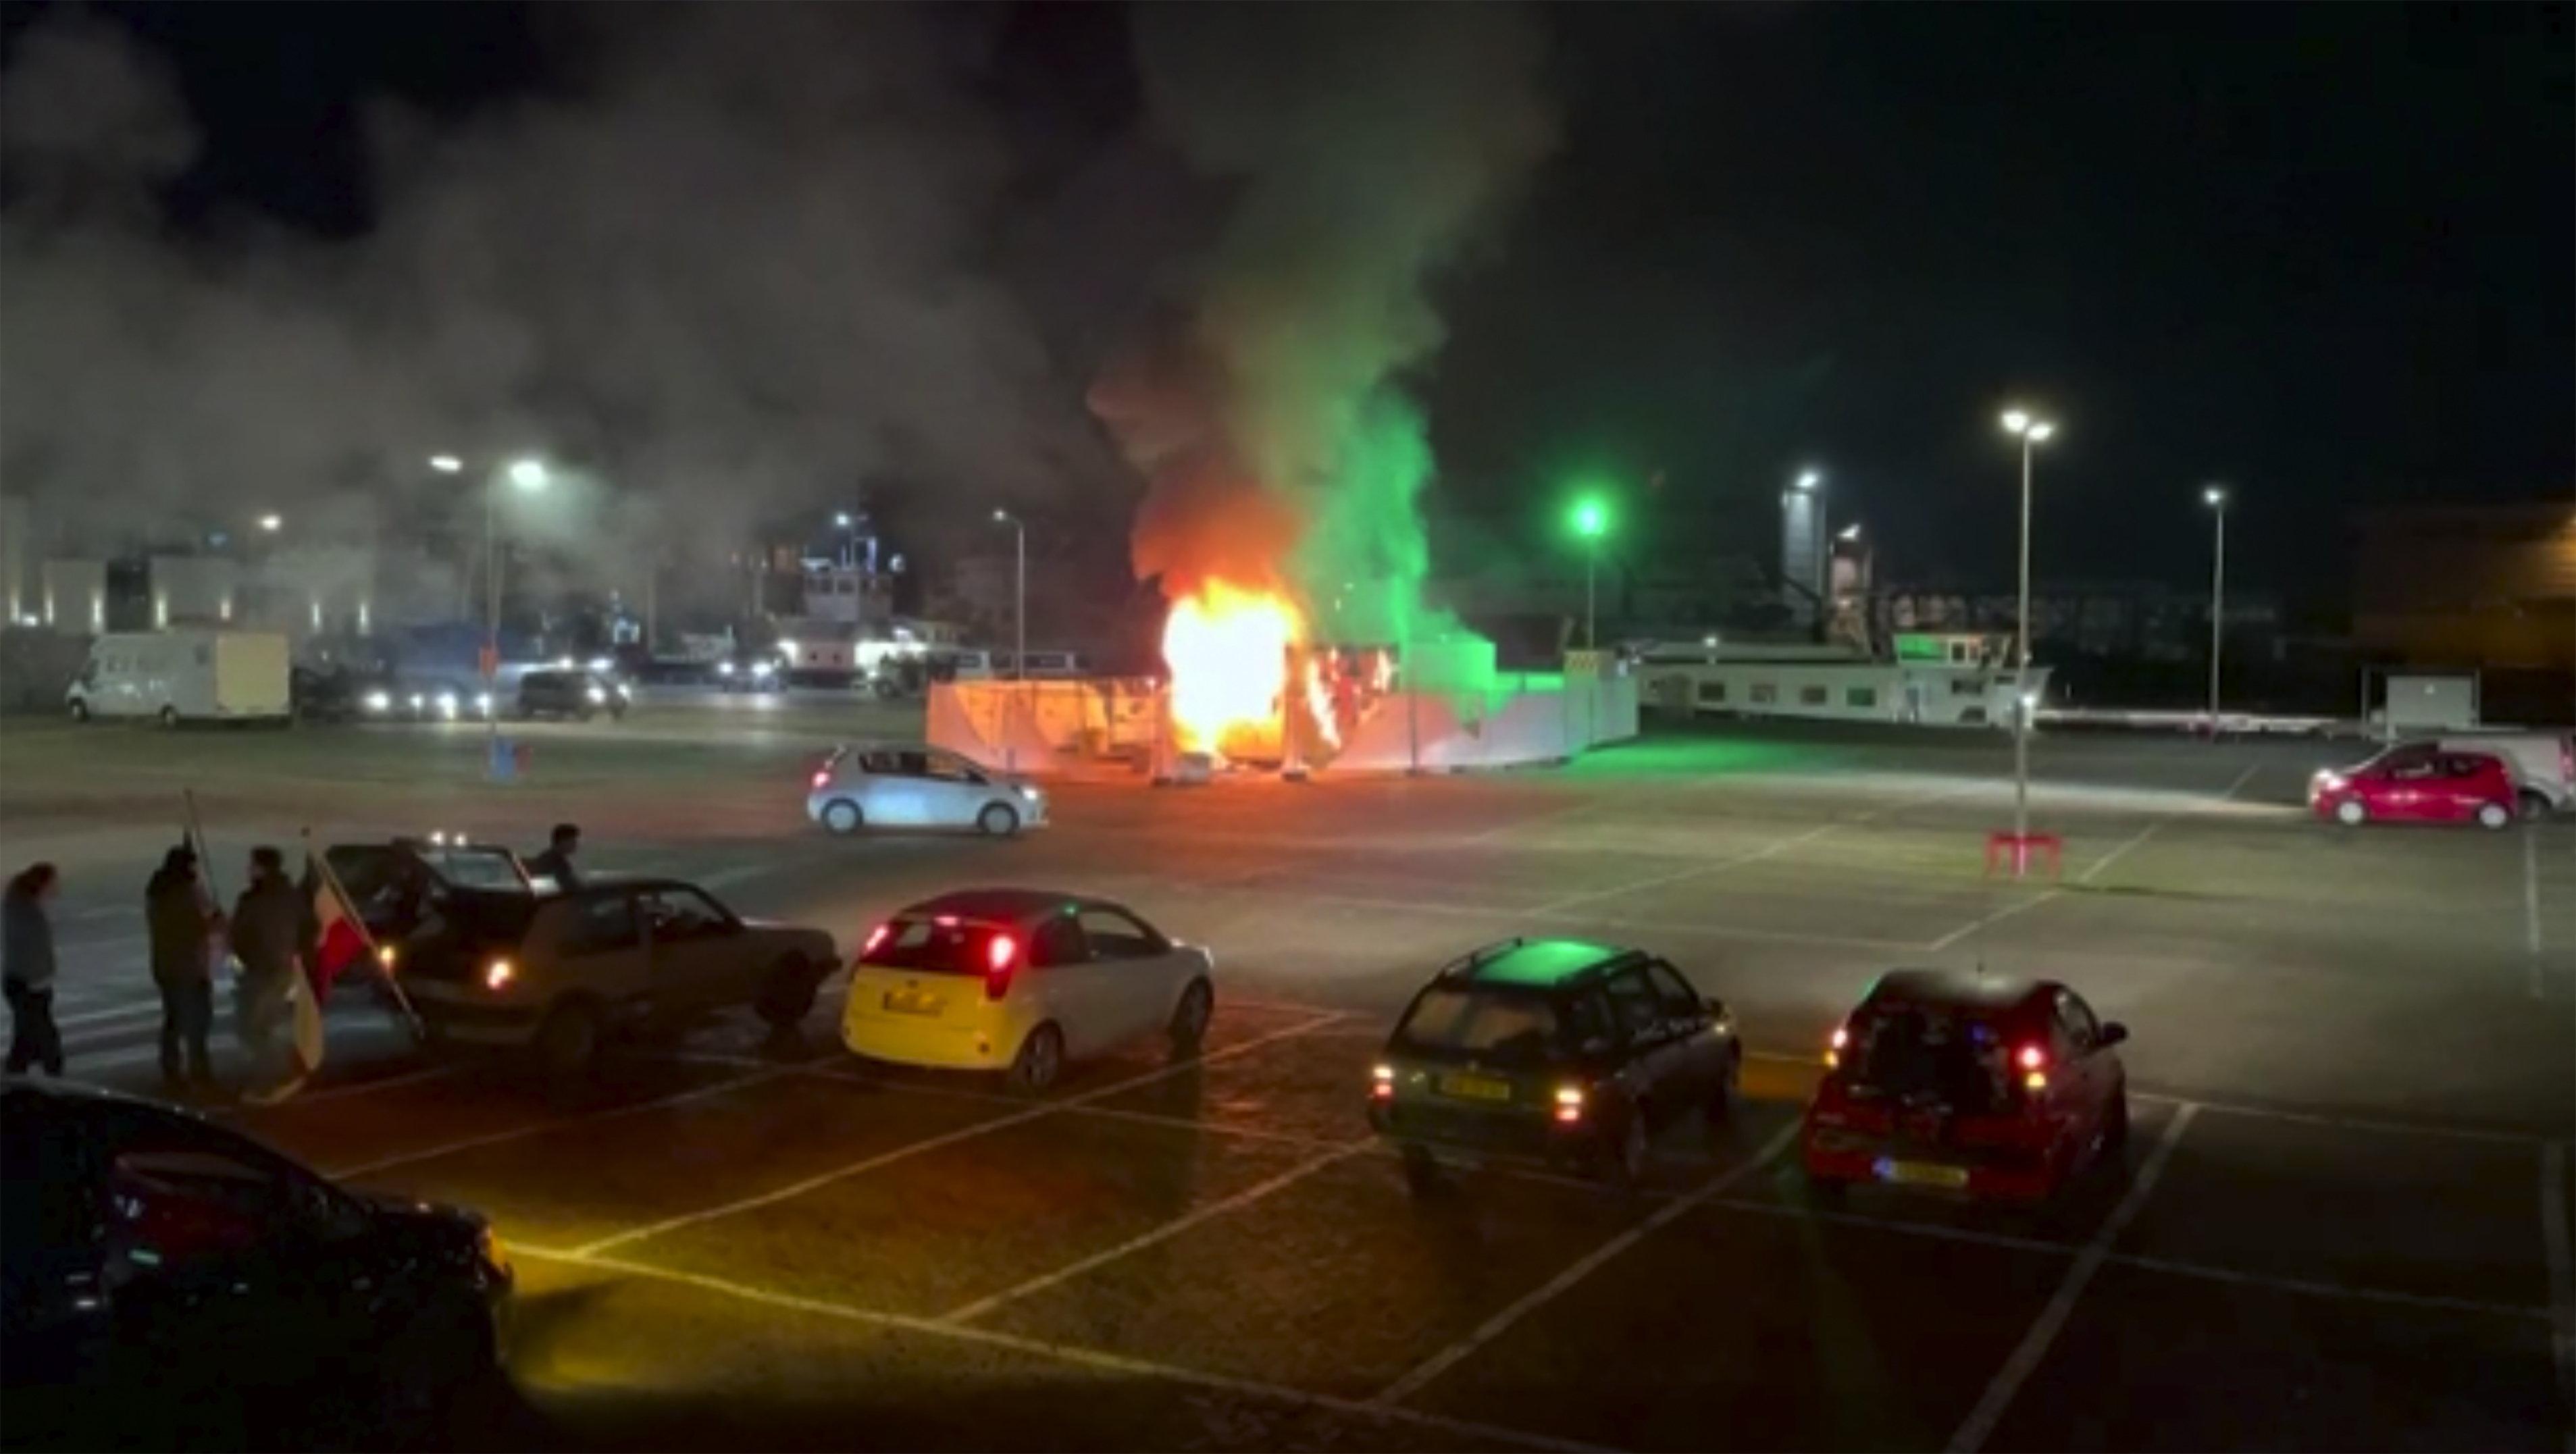 Tömeges letartóztatások történtek a hollandiai zavargások után